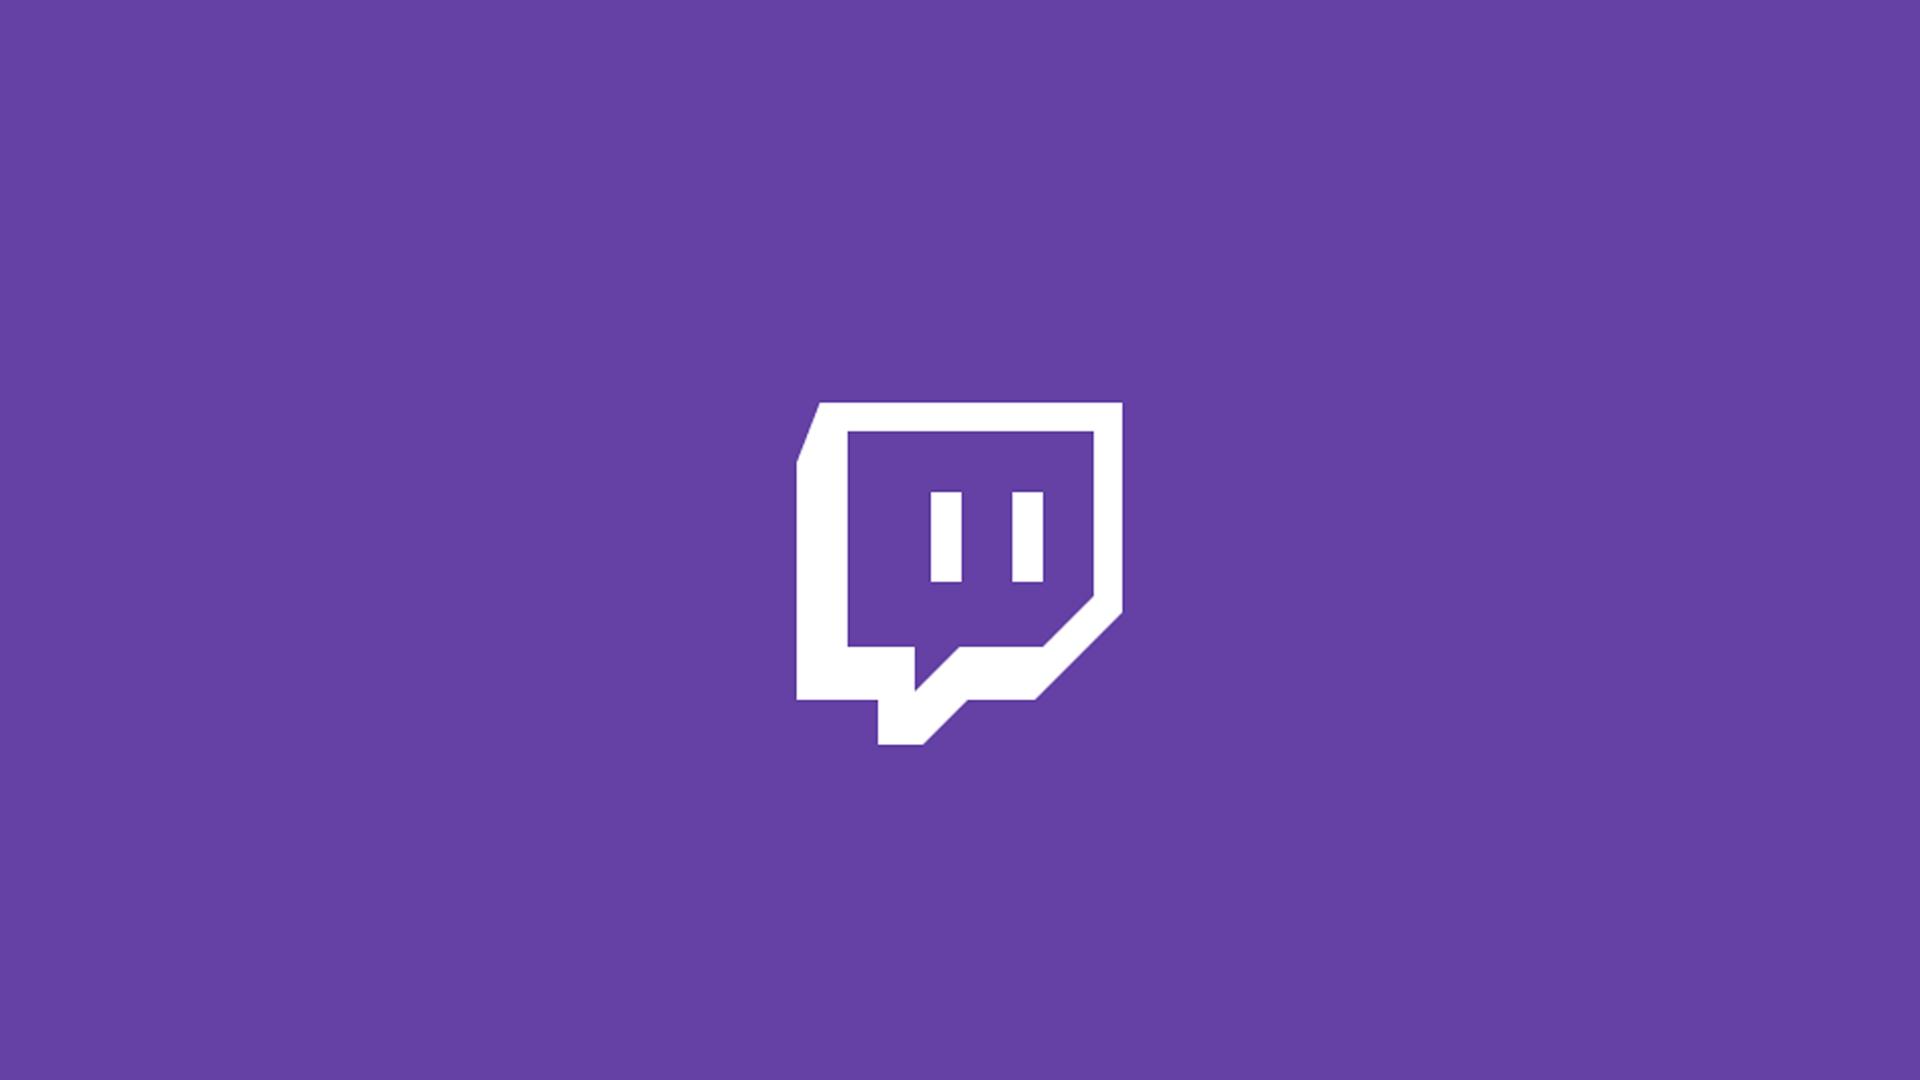 Twitch-Logo-1920px.jpg